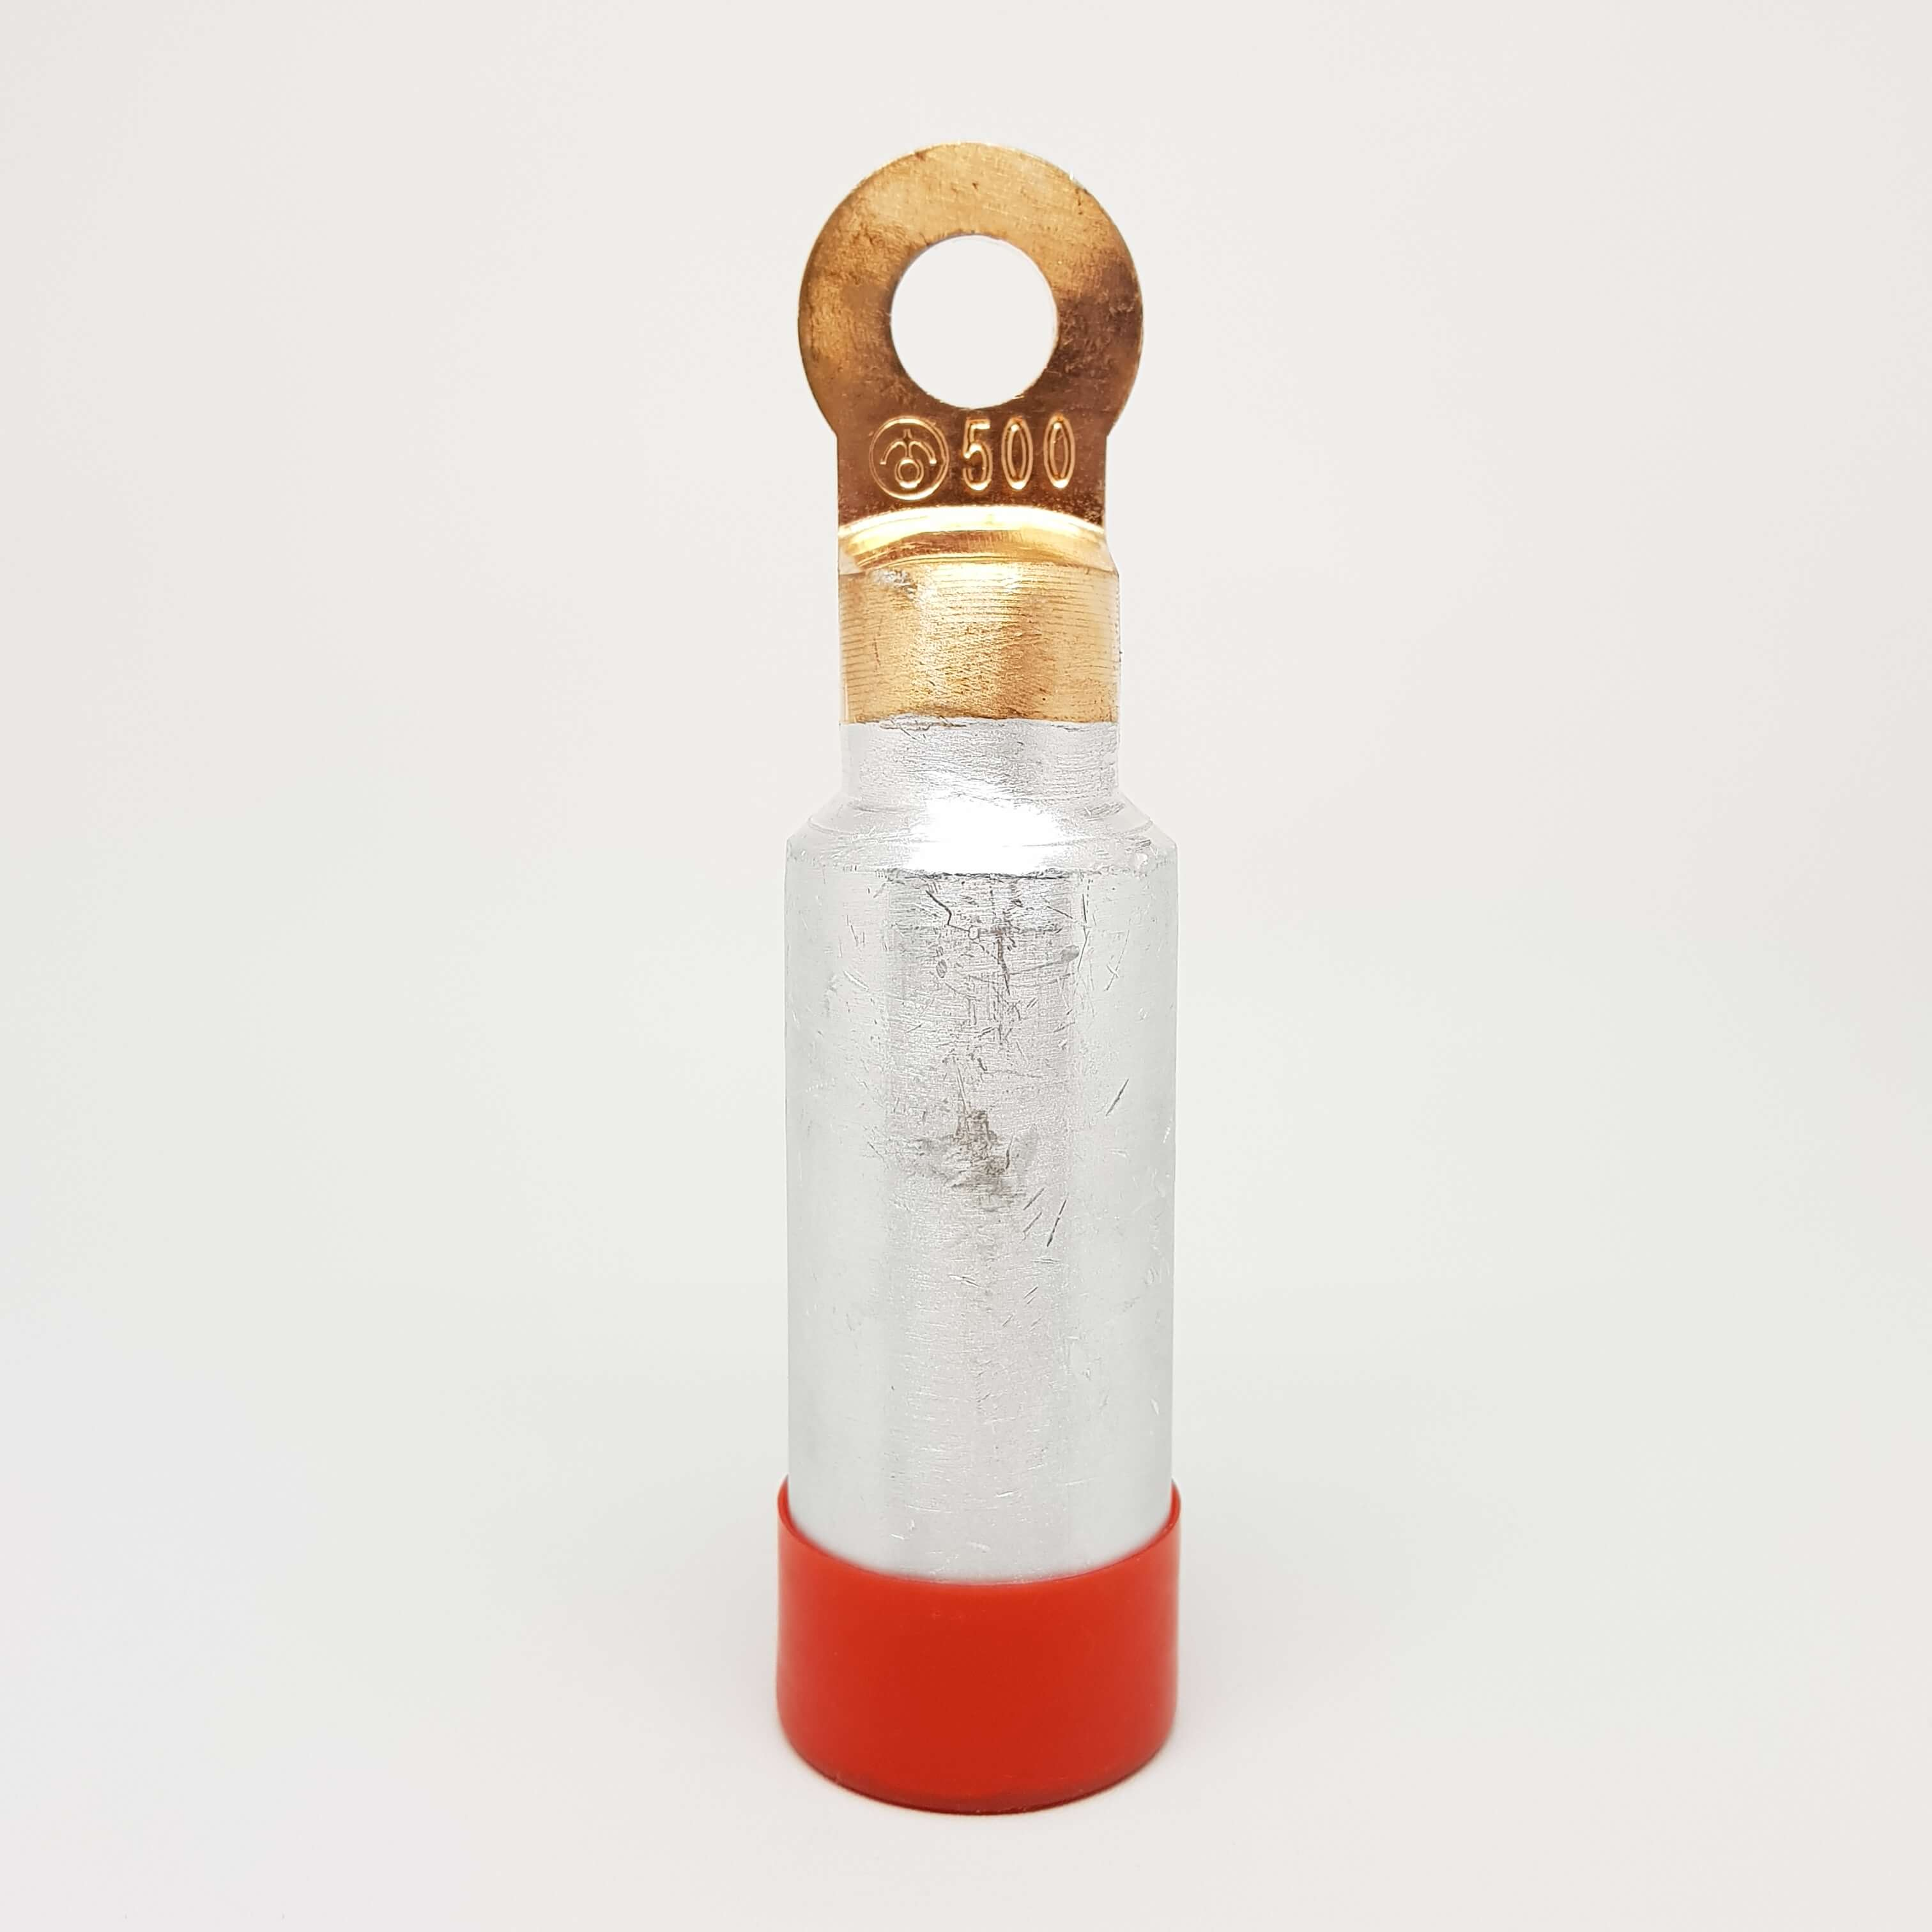 Bimetal-dtl-2-500-gl